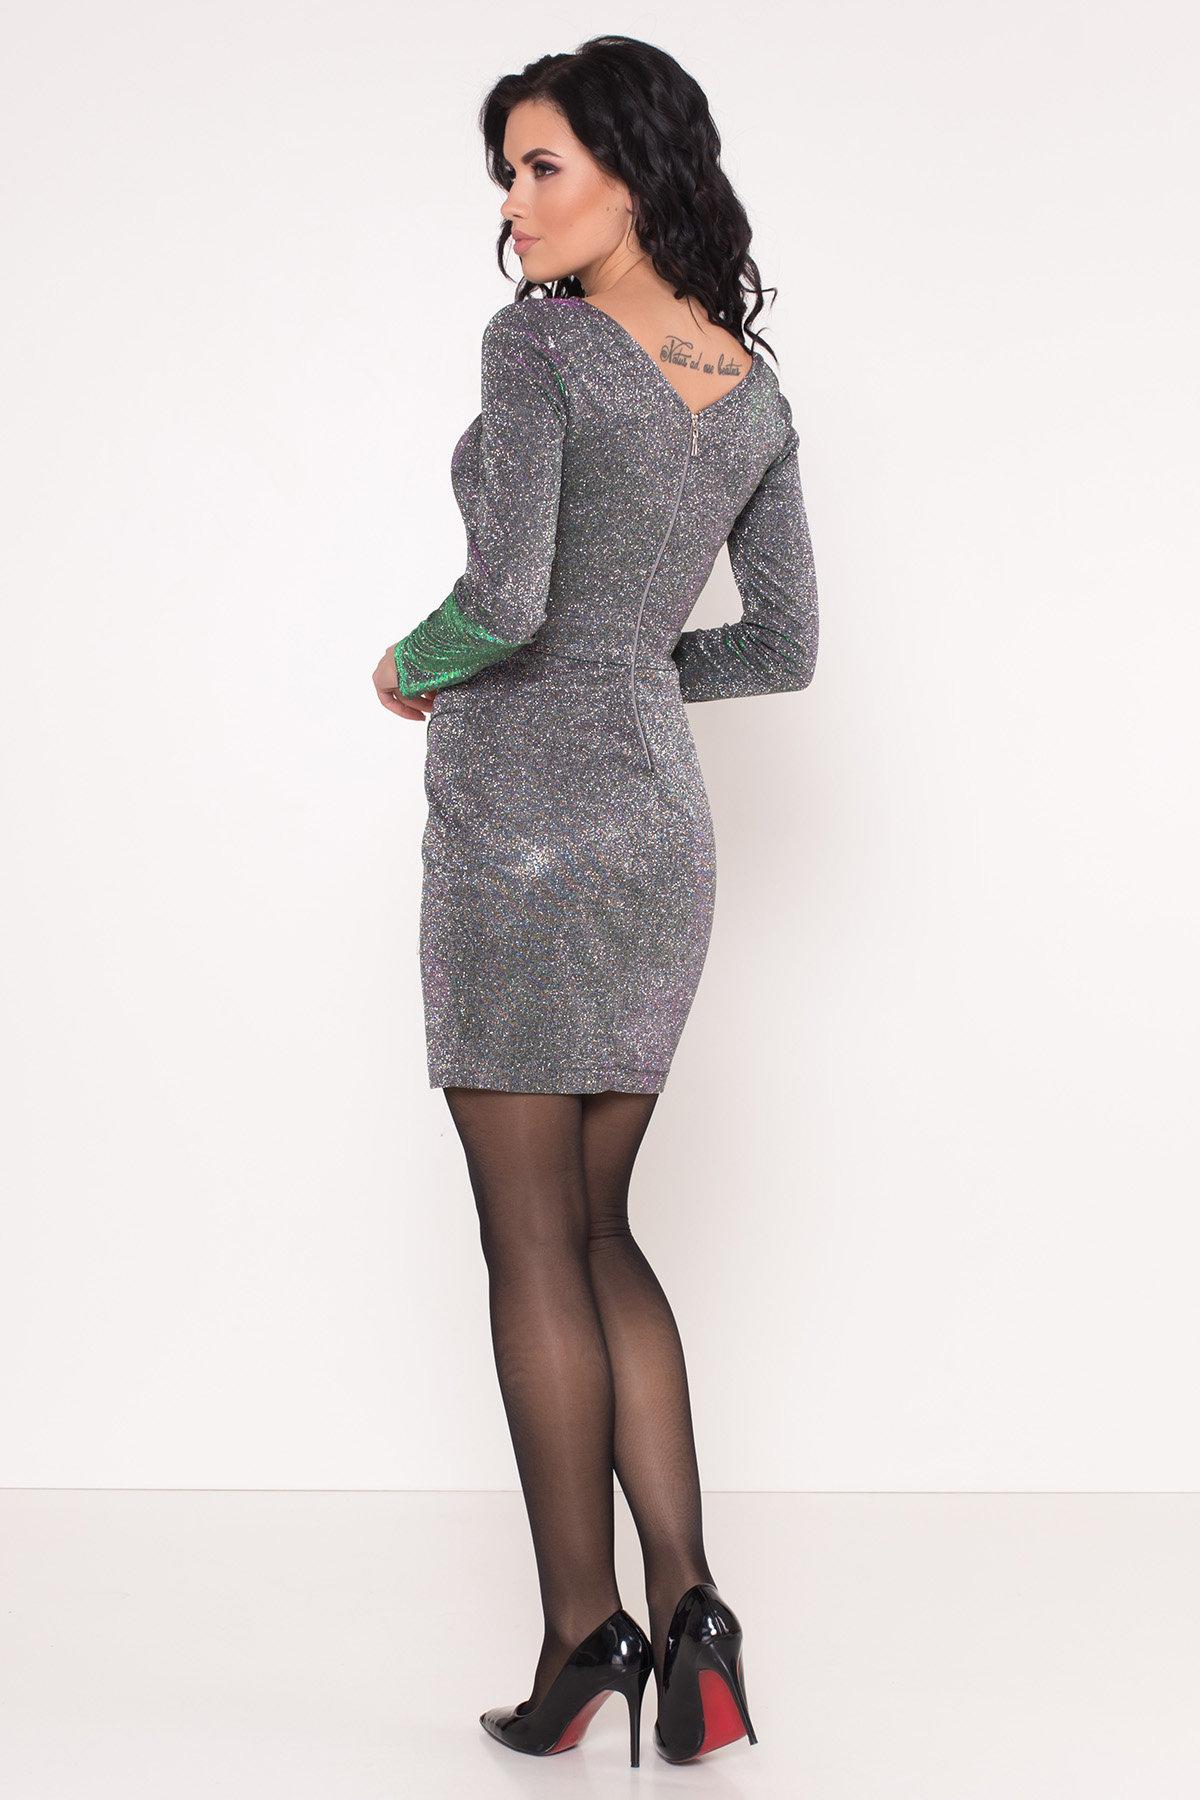 Коктейльное платье Кристал 8346 АРТ. 44902 Цвет: Серебро/изумруд/розовый - фото 3, интернет магазин tm-modus.ru